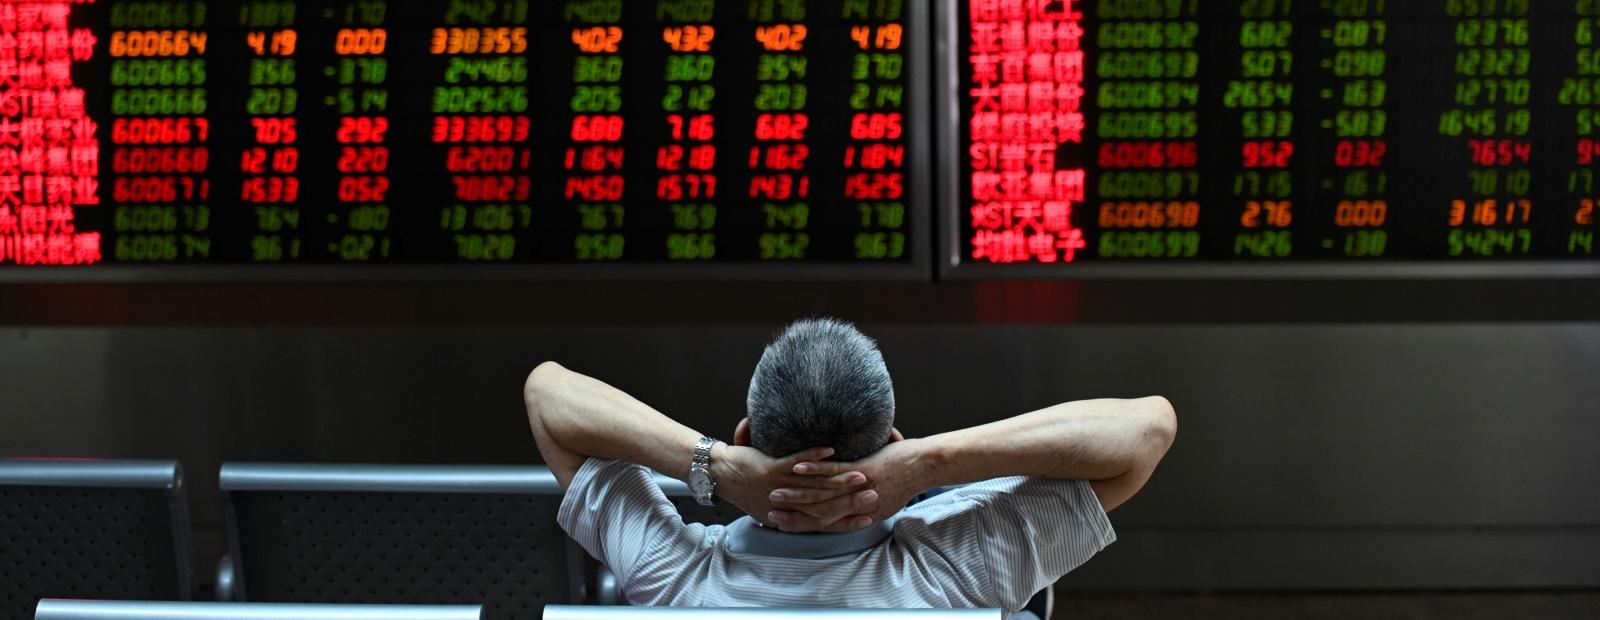 Finanšu tirgi un analīze - Swedbank